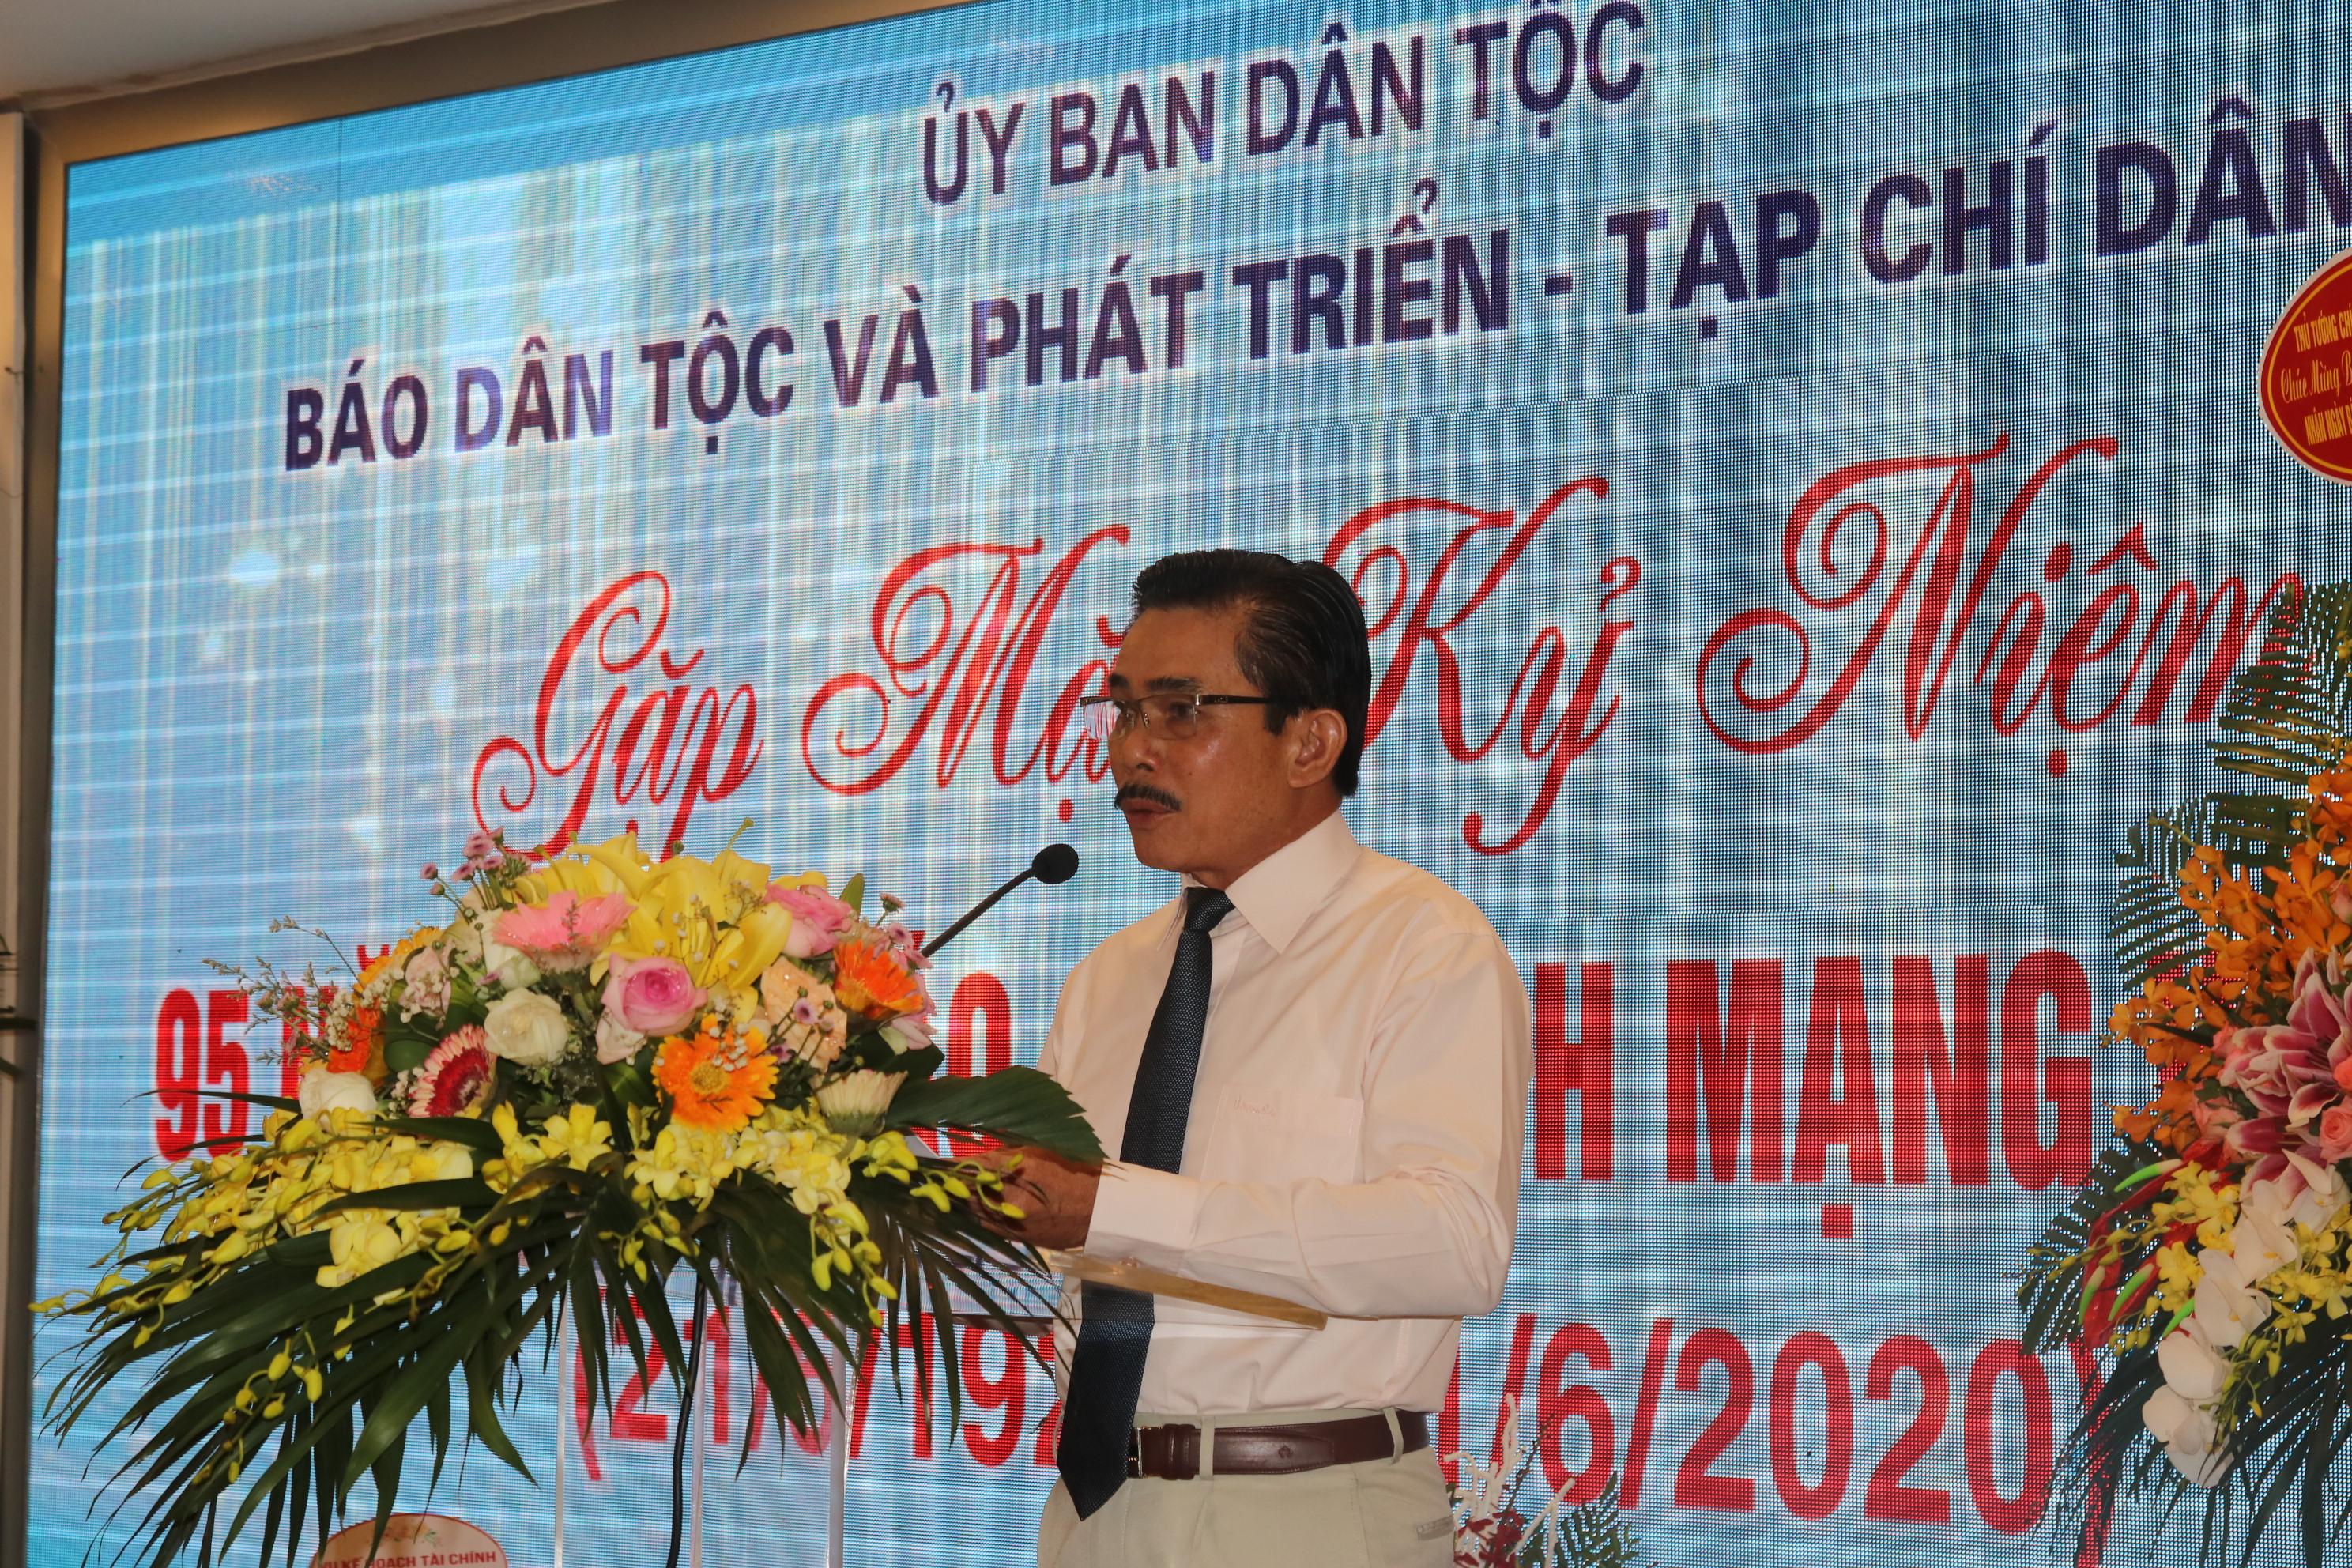 Tổng Biên tập Báo Dân tộc và Phát triển Lê Công Bình phát biểu khai mạc Buổi gặp mặt